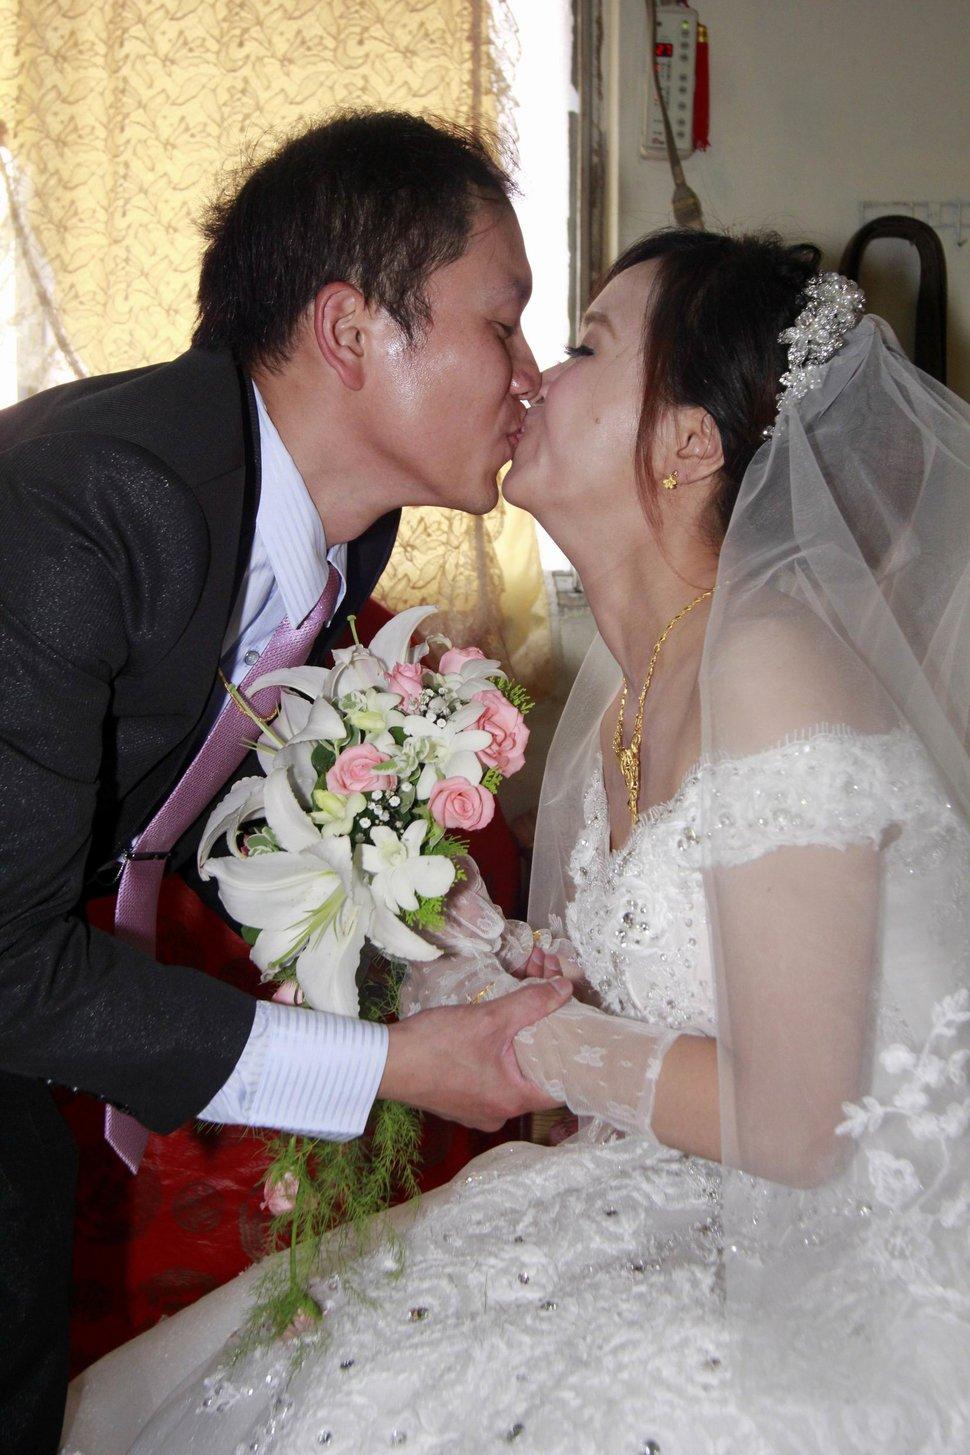 永和易牙居婚宴廣場宴會廳婚婚禮記錄結婚迎娶婚禮記錄動態微電影錄影專業錄影平面攝影婚攝婚禮(編號:213004) - 蜜月拍照10800錄影12800攝影團隊 - 結婚吧